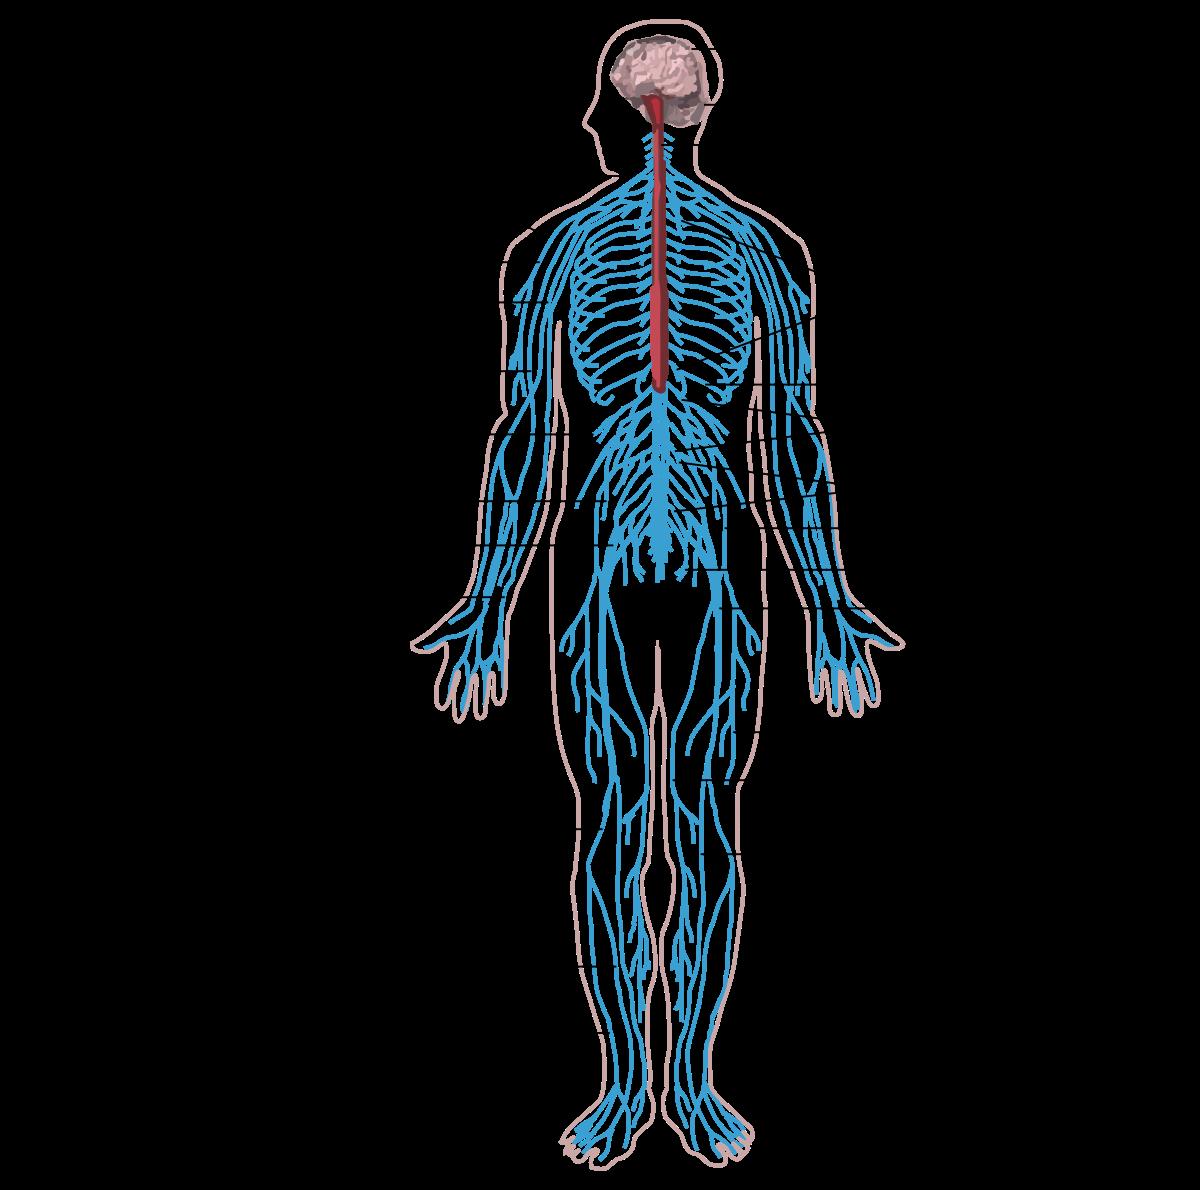 az emberi test parazitainak hatekony gyogymodja